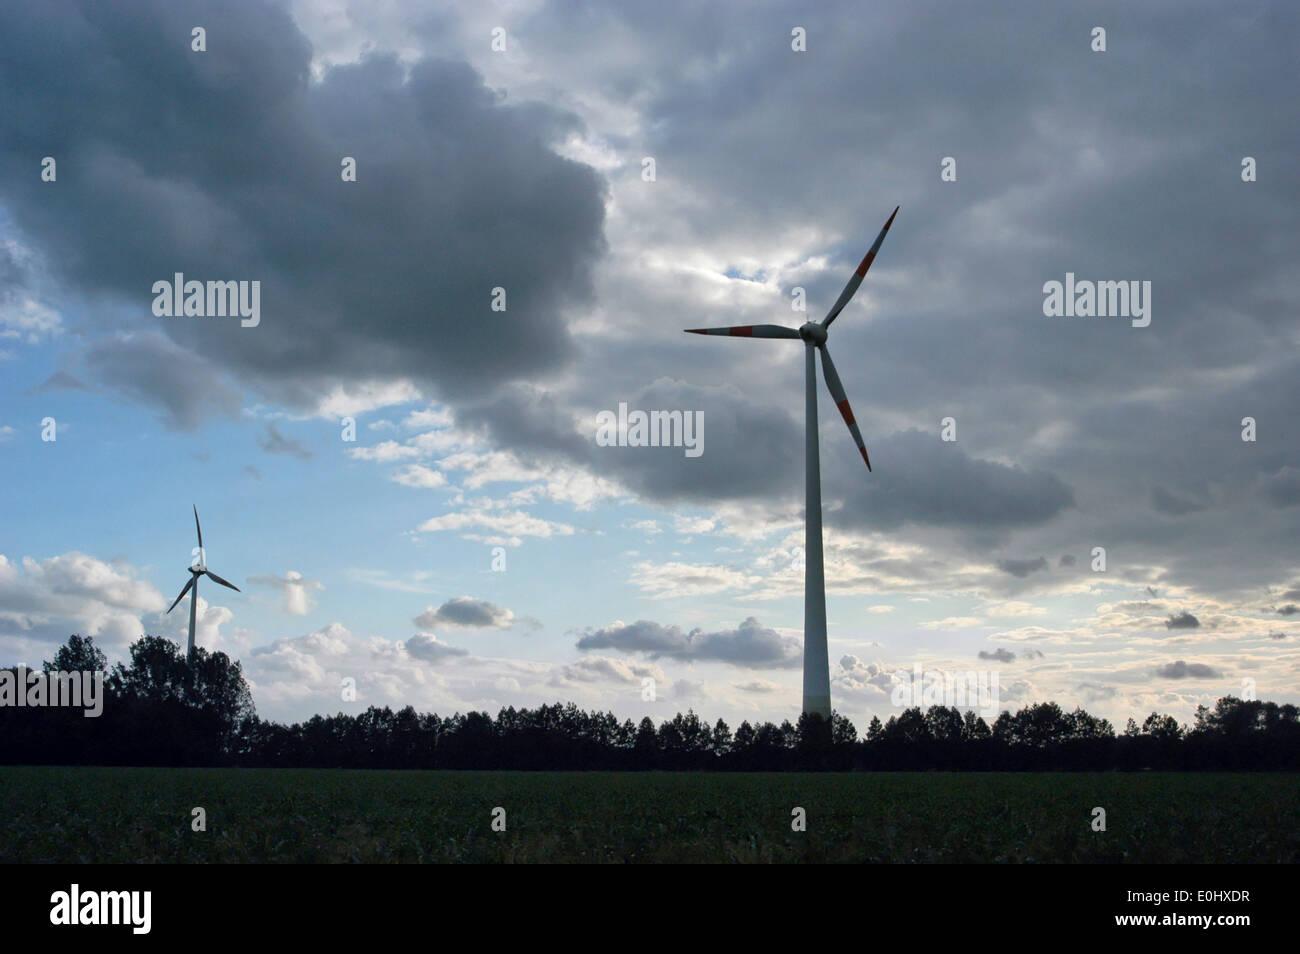 L'Allemagne, près de Cologne, l'énergie éolienne, l'éolienne, Köln, Deutschland, nahe Windenergie, aérogénérateur Photo Stock